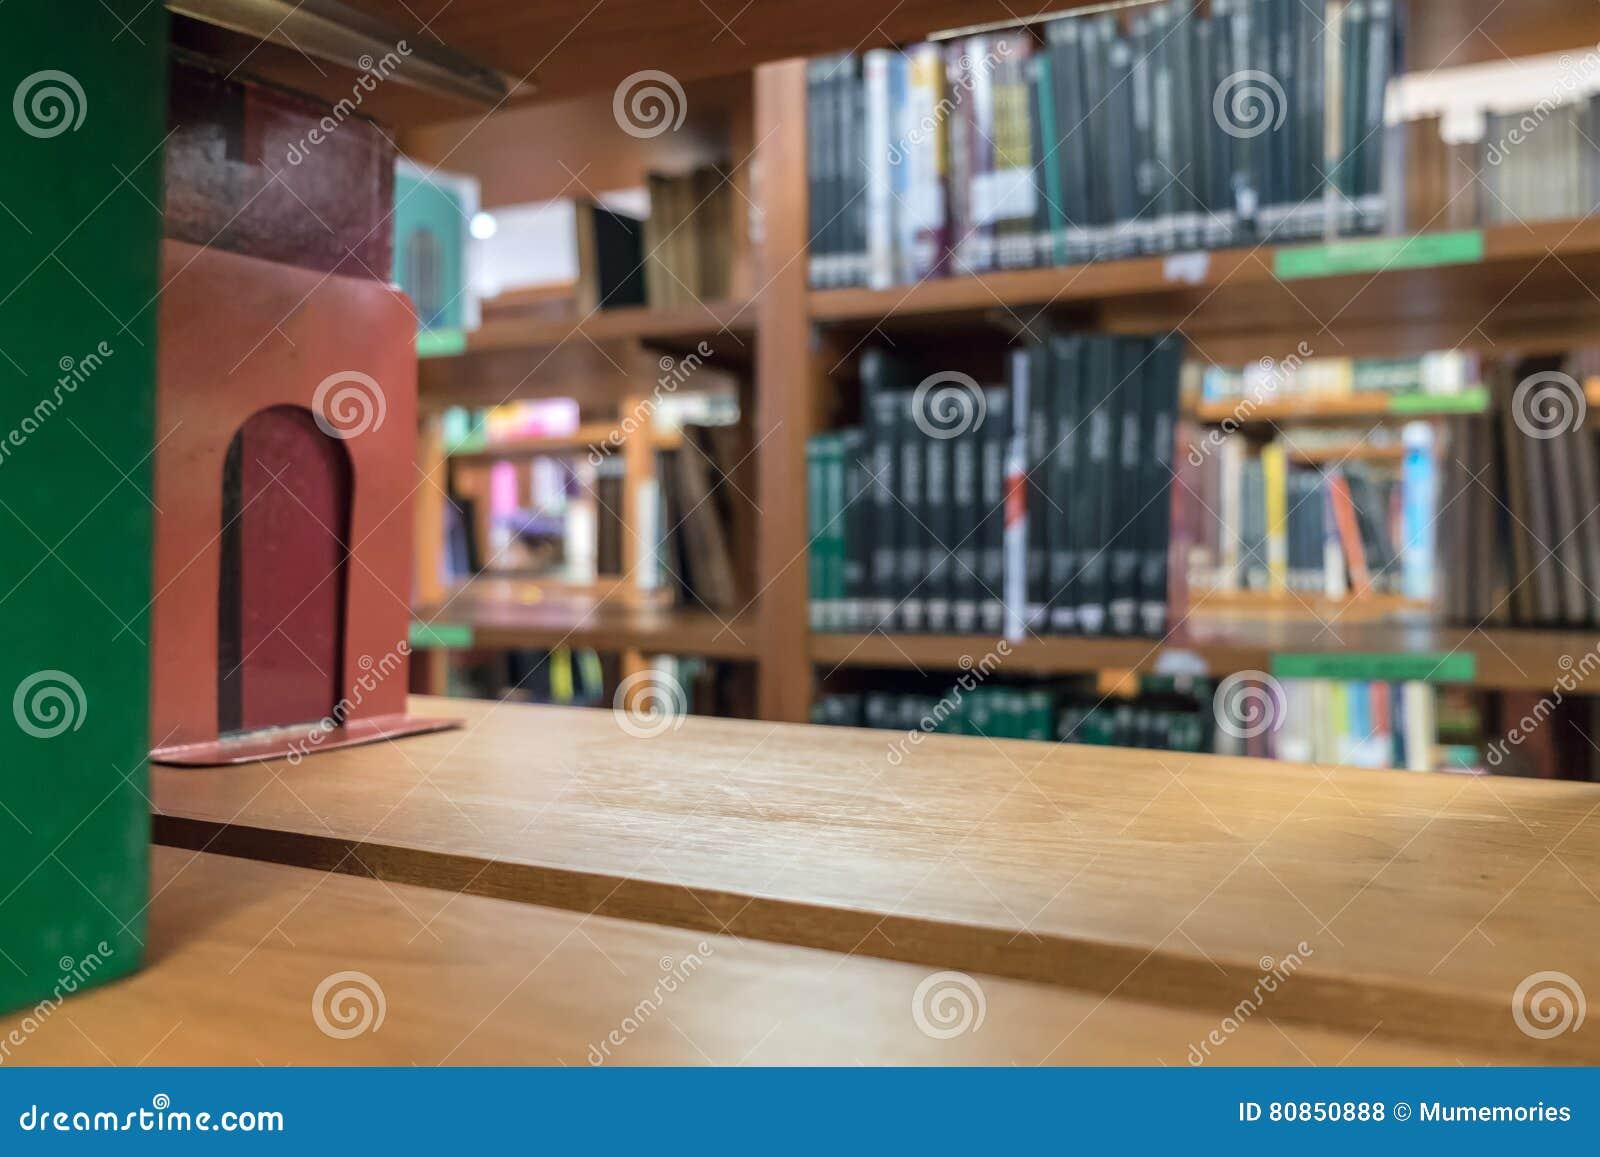 Houten planken velen boeksoort op houten plank wordt gestapeld die